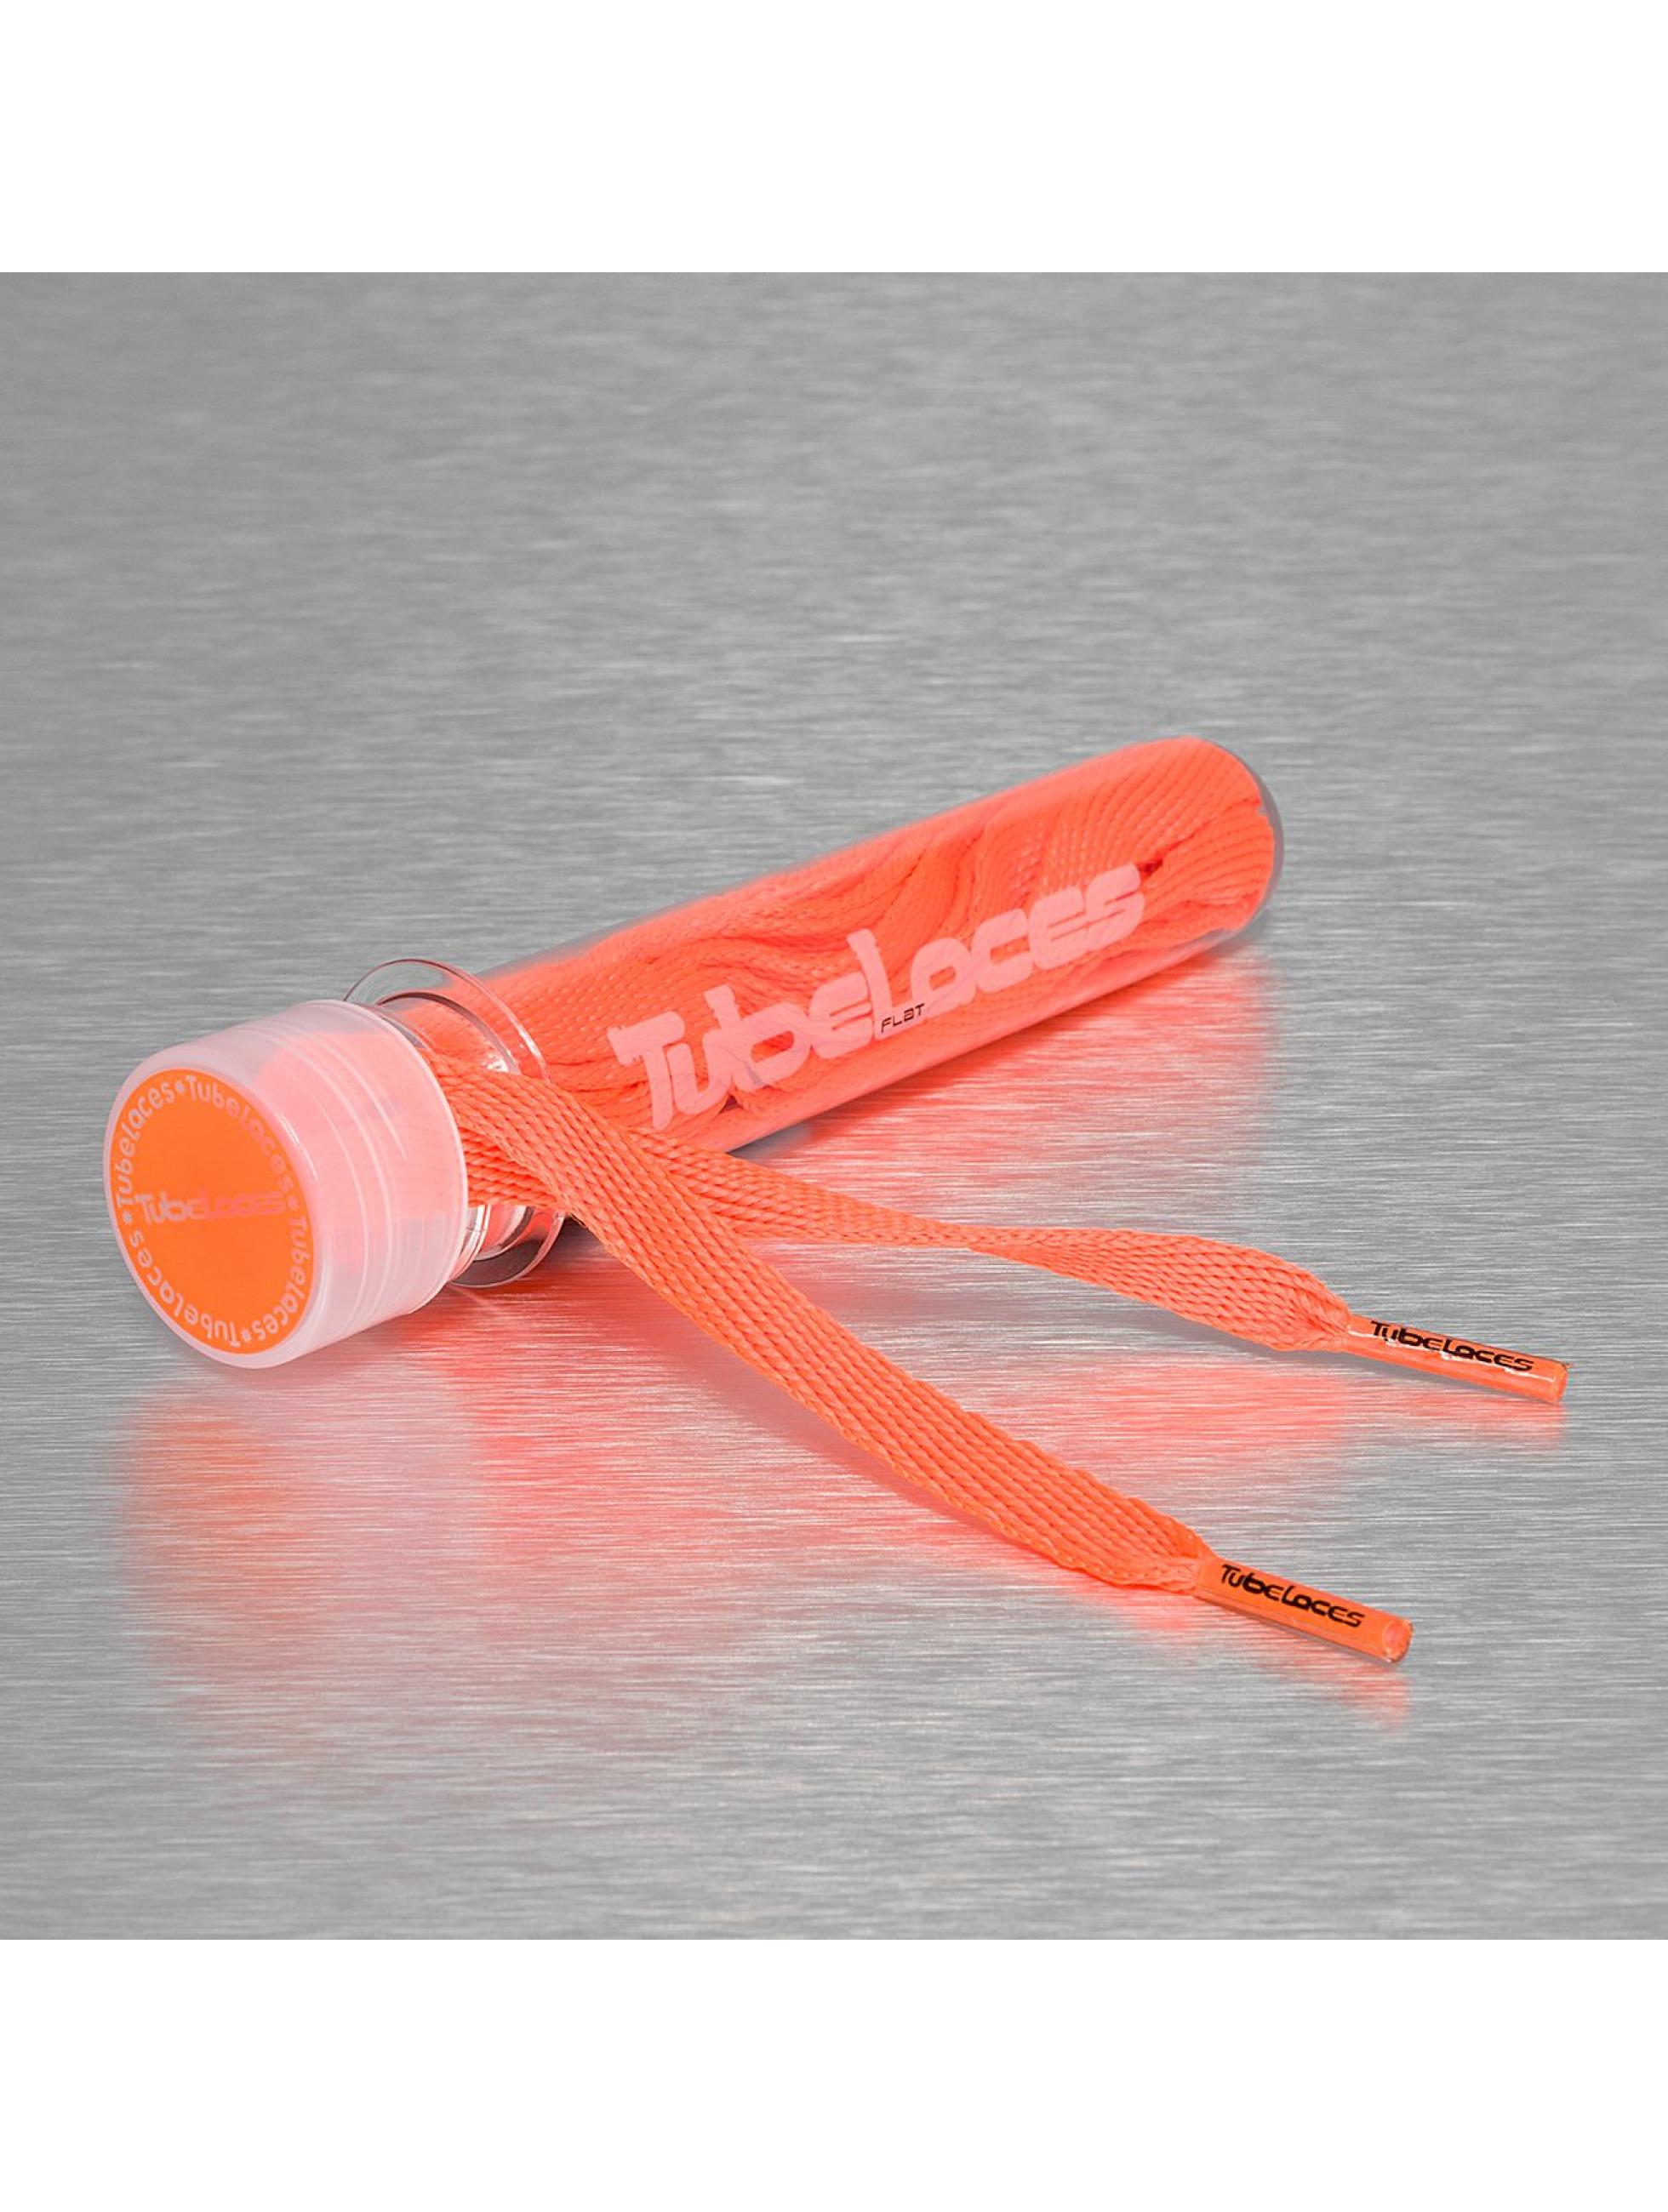 Tubelaces Schuhzubehör Flat Laces 140cm orange